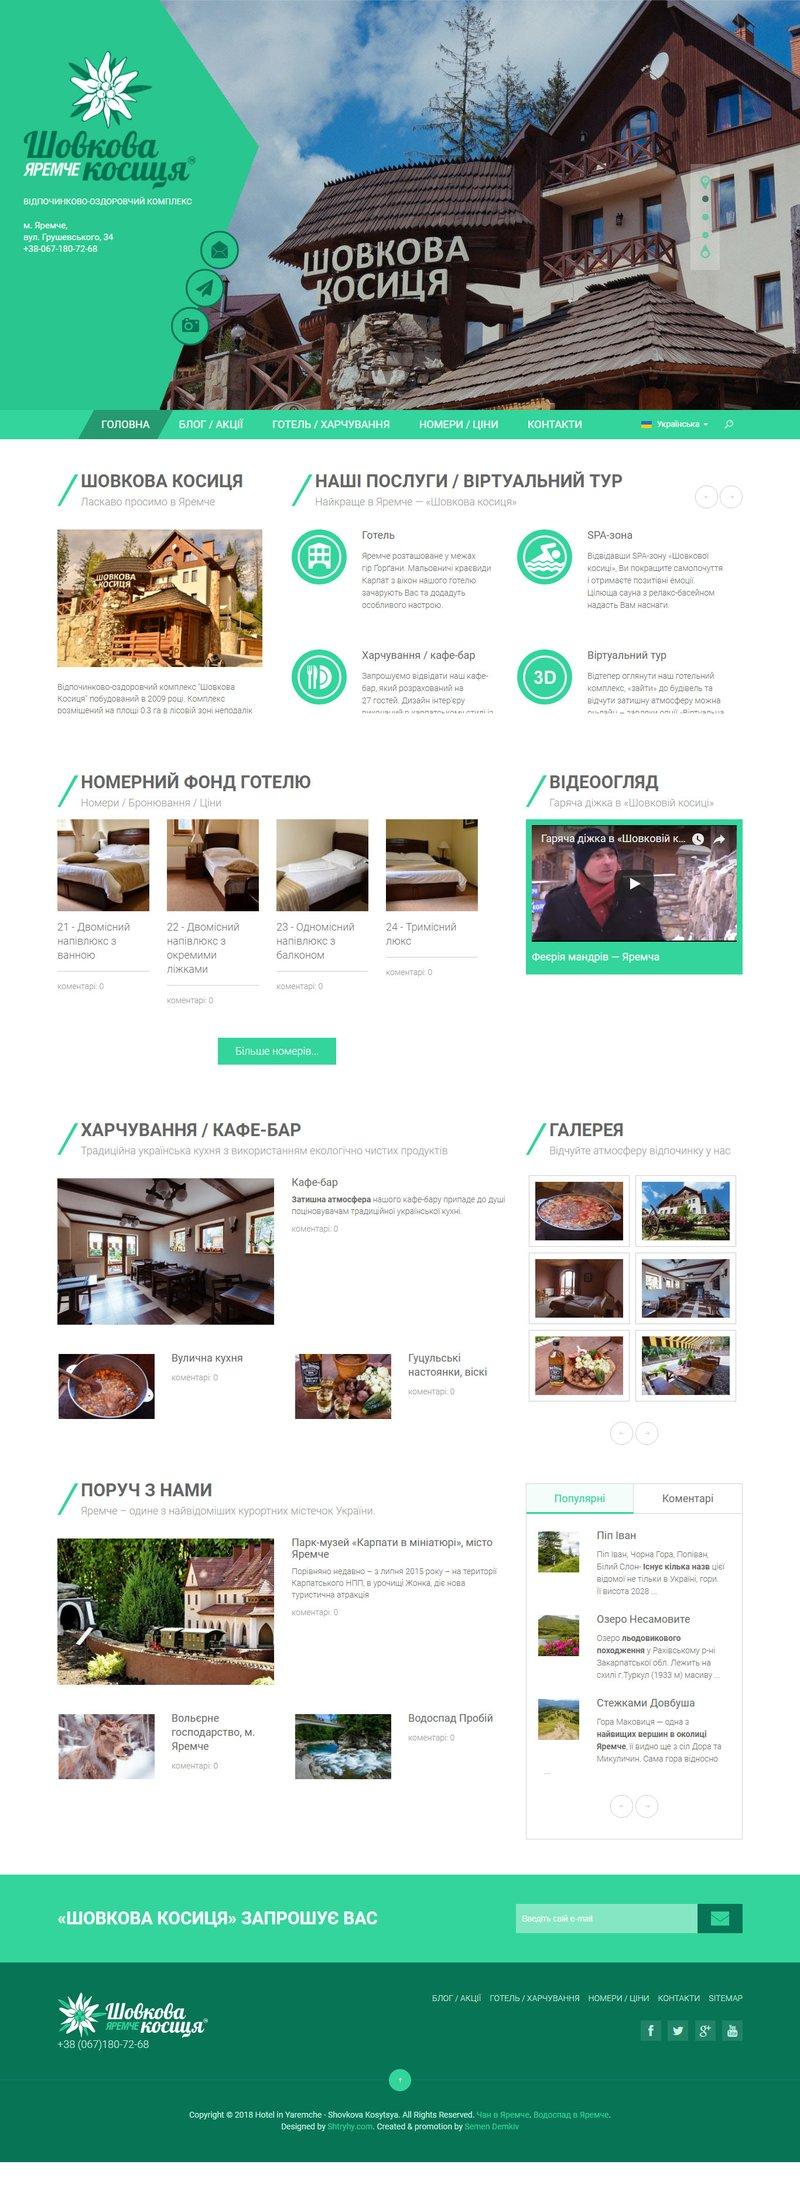 """сайт-визитка - """"Відпочинково-оздоровчий комплекс"""" – работа в портфолио фрилансера"""